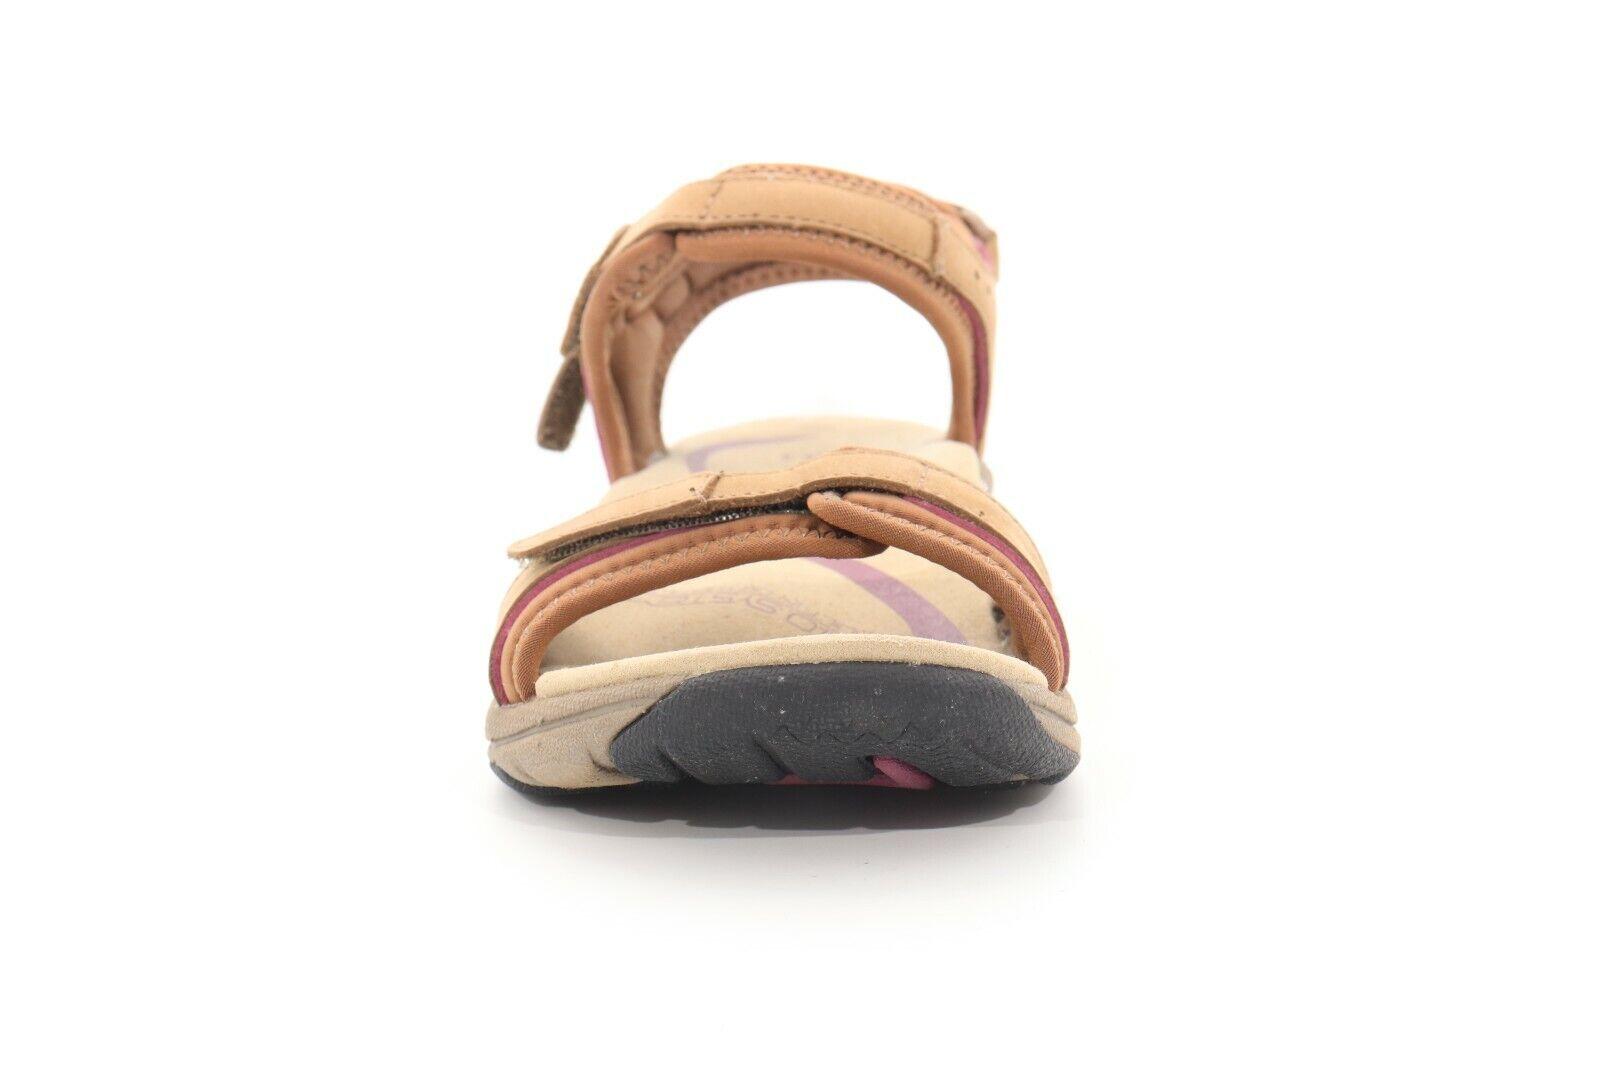 ABEO Goleta sandales taupe taille 8 US neutre La semelle intérieure